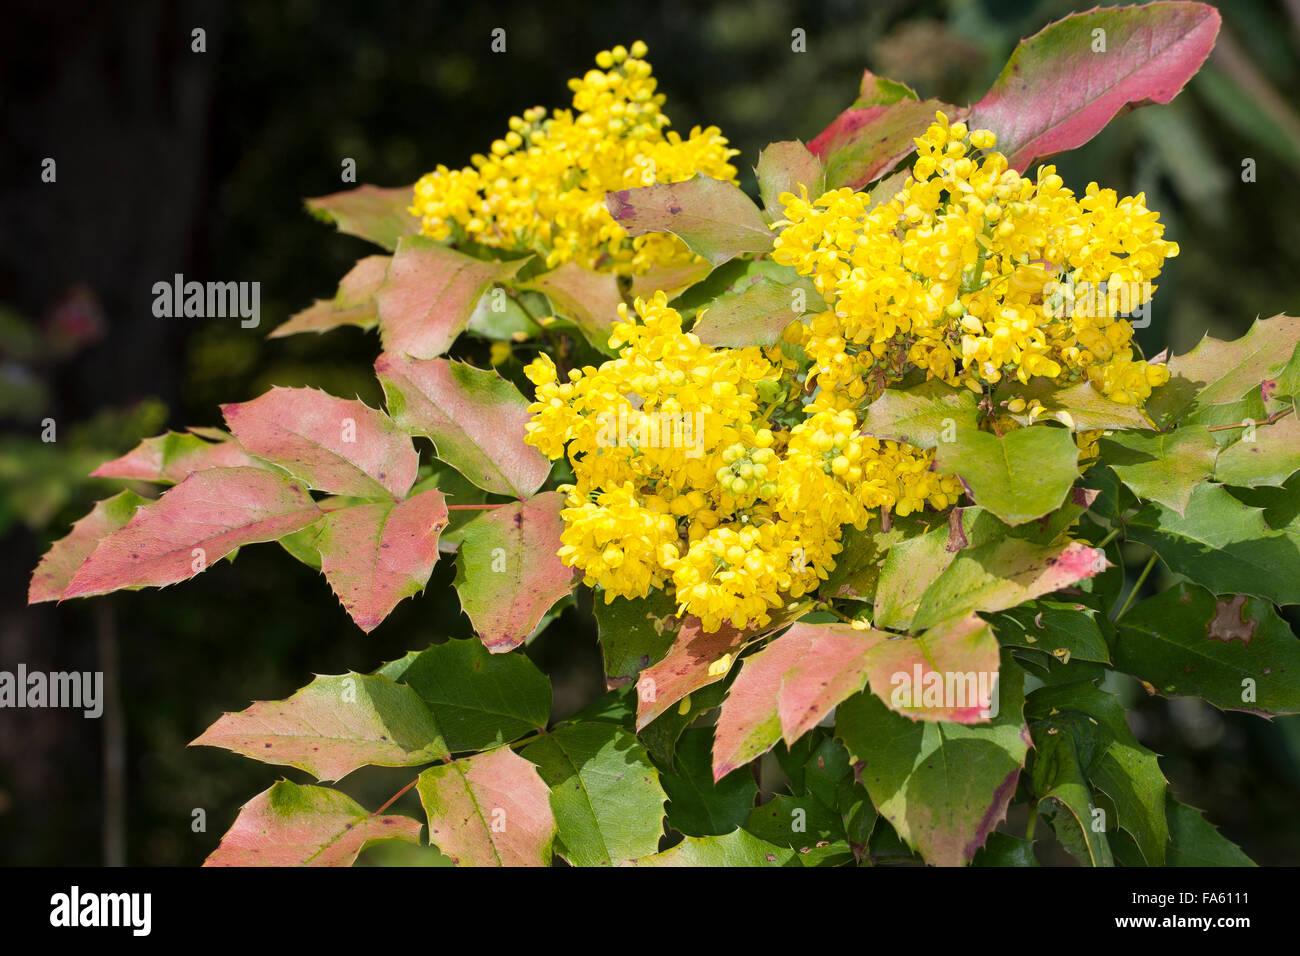 mahonia aquifolium stockfotos mahonia aquifolium bilder alamy. Black Bedroom Furniture Sets. Home Design Ideas